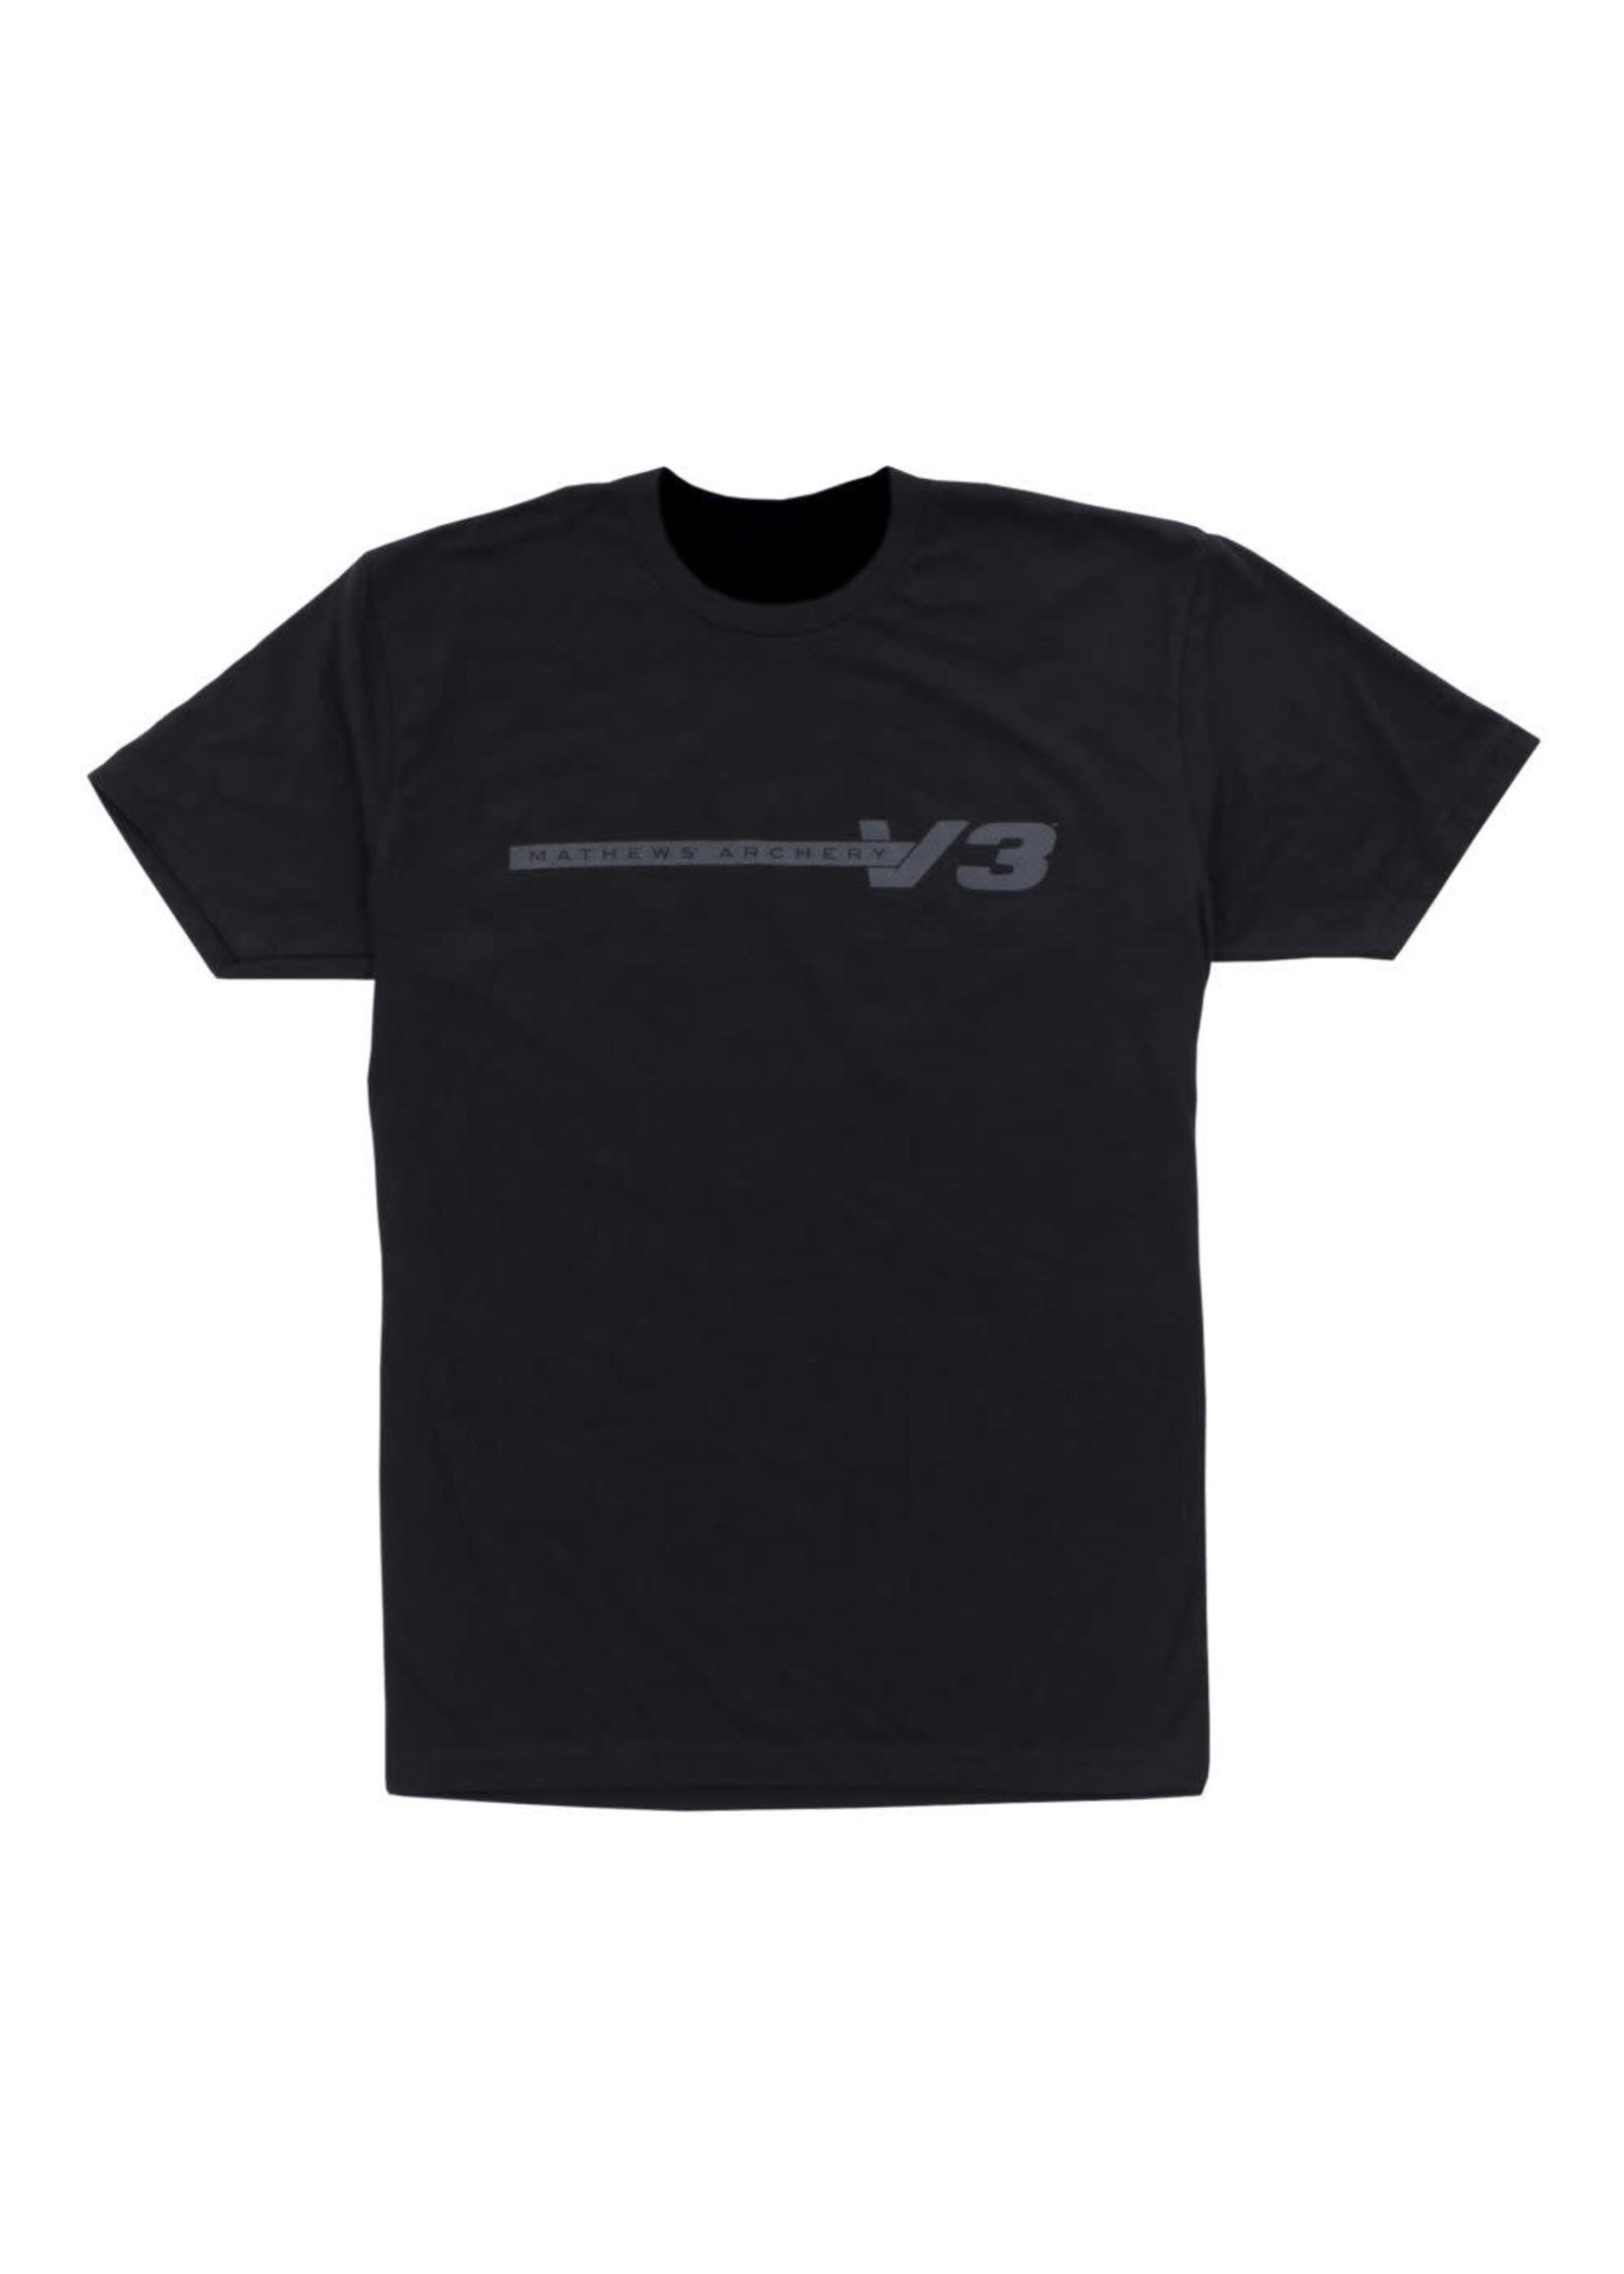 Mathews Inc Mathews V3 TShirt